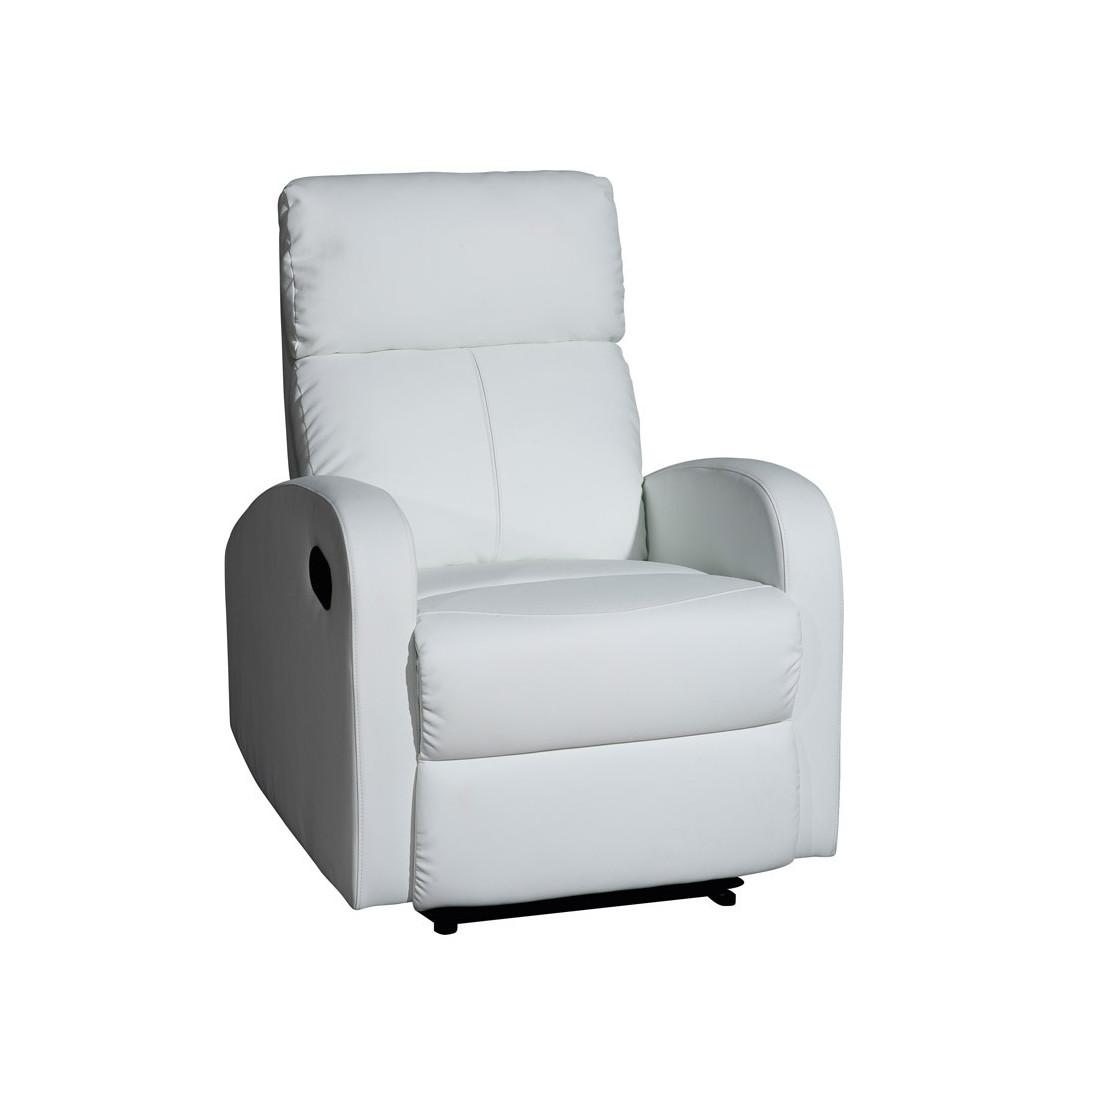 fauteuil de relaxation pistol univers du salon. Black Bedroom Furniture Sets. Home Design Ideas